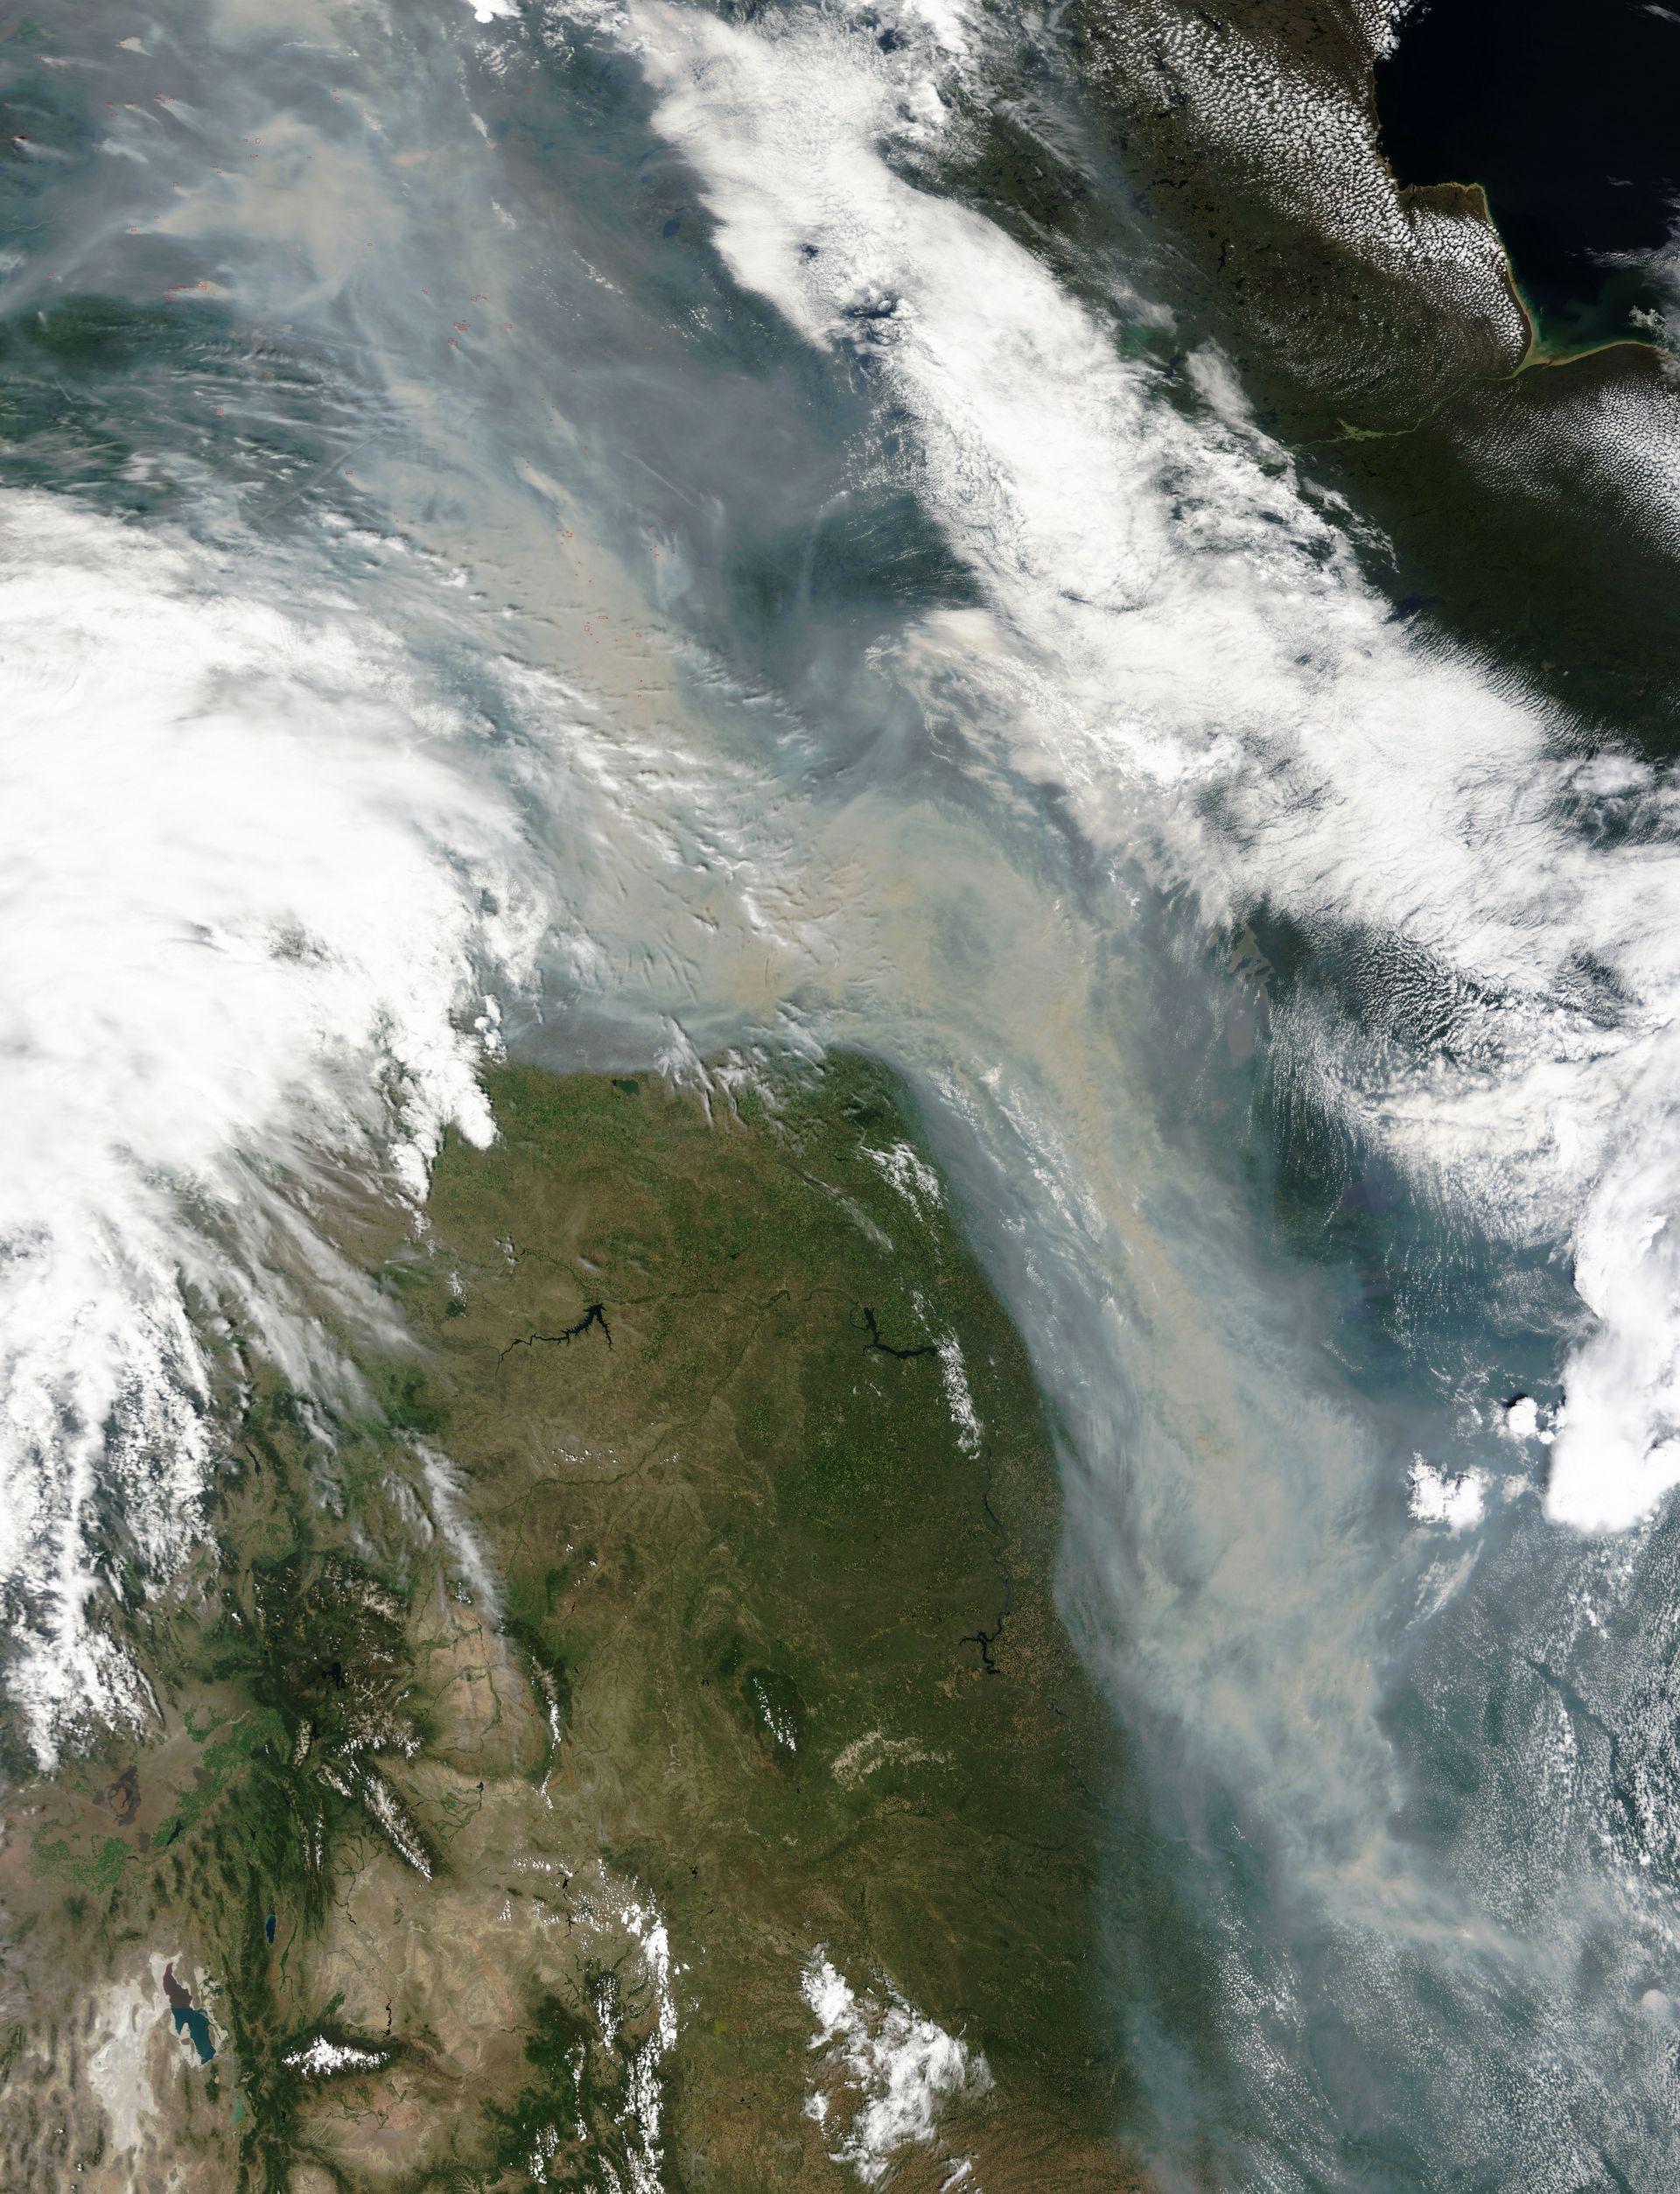 Incendie - Canada - Nuage de fumée au dessus des USA - Satellite - Terra - MODIS - Wild fires